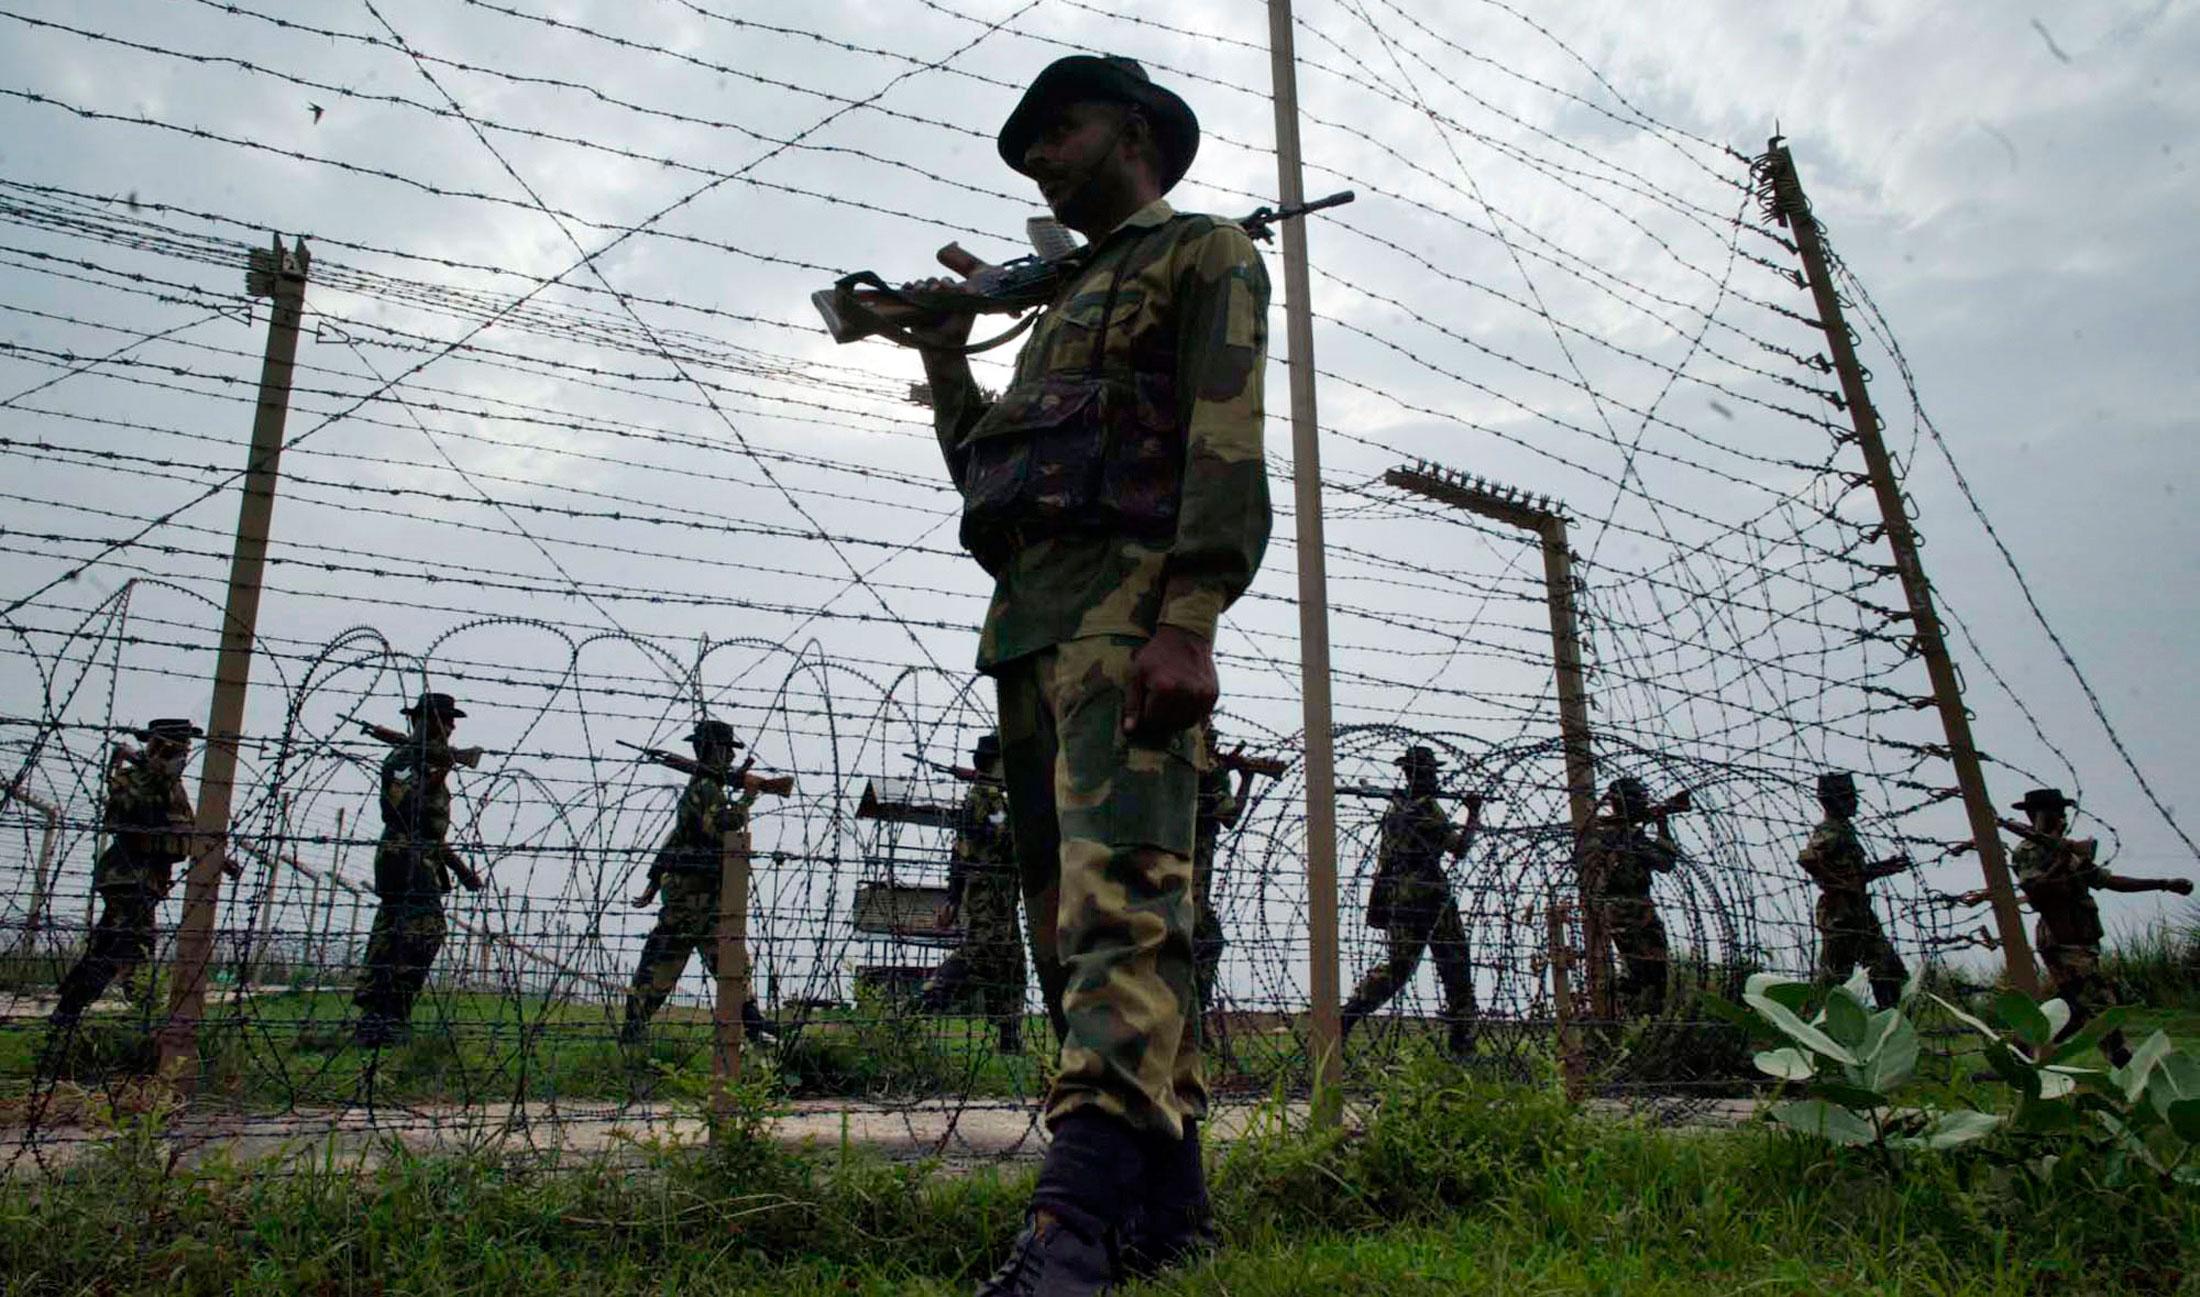 La disputa entre las potencias nucleares de India y Pakistán por el territorio de Cachemira convierte a ese territorio en una de las zonas más inestables del mundo. La India ha alambrado el territorio y la tensión recrudece periódicamente